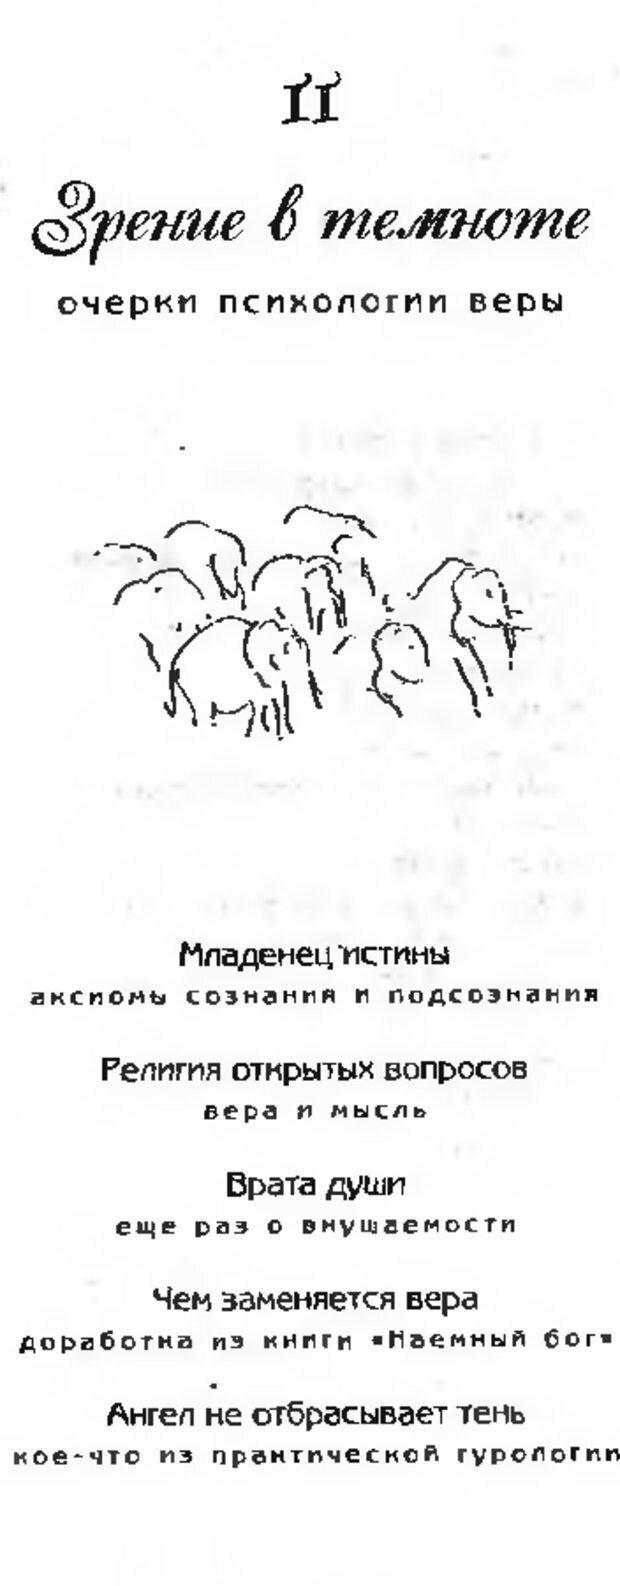 DJVU. Коротко о главном. Леви В. Л. Страница 83. Читать онлайн